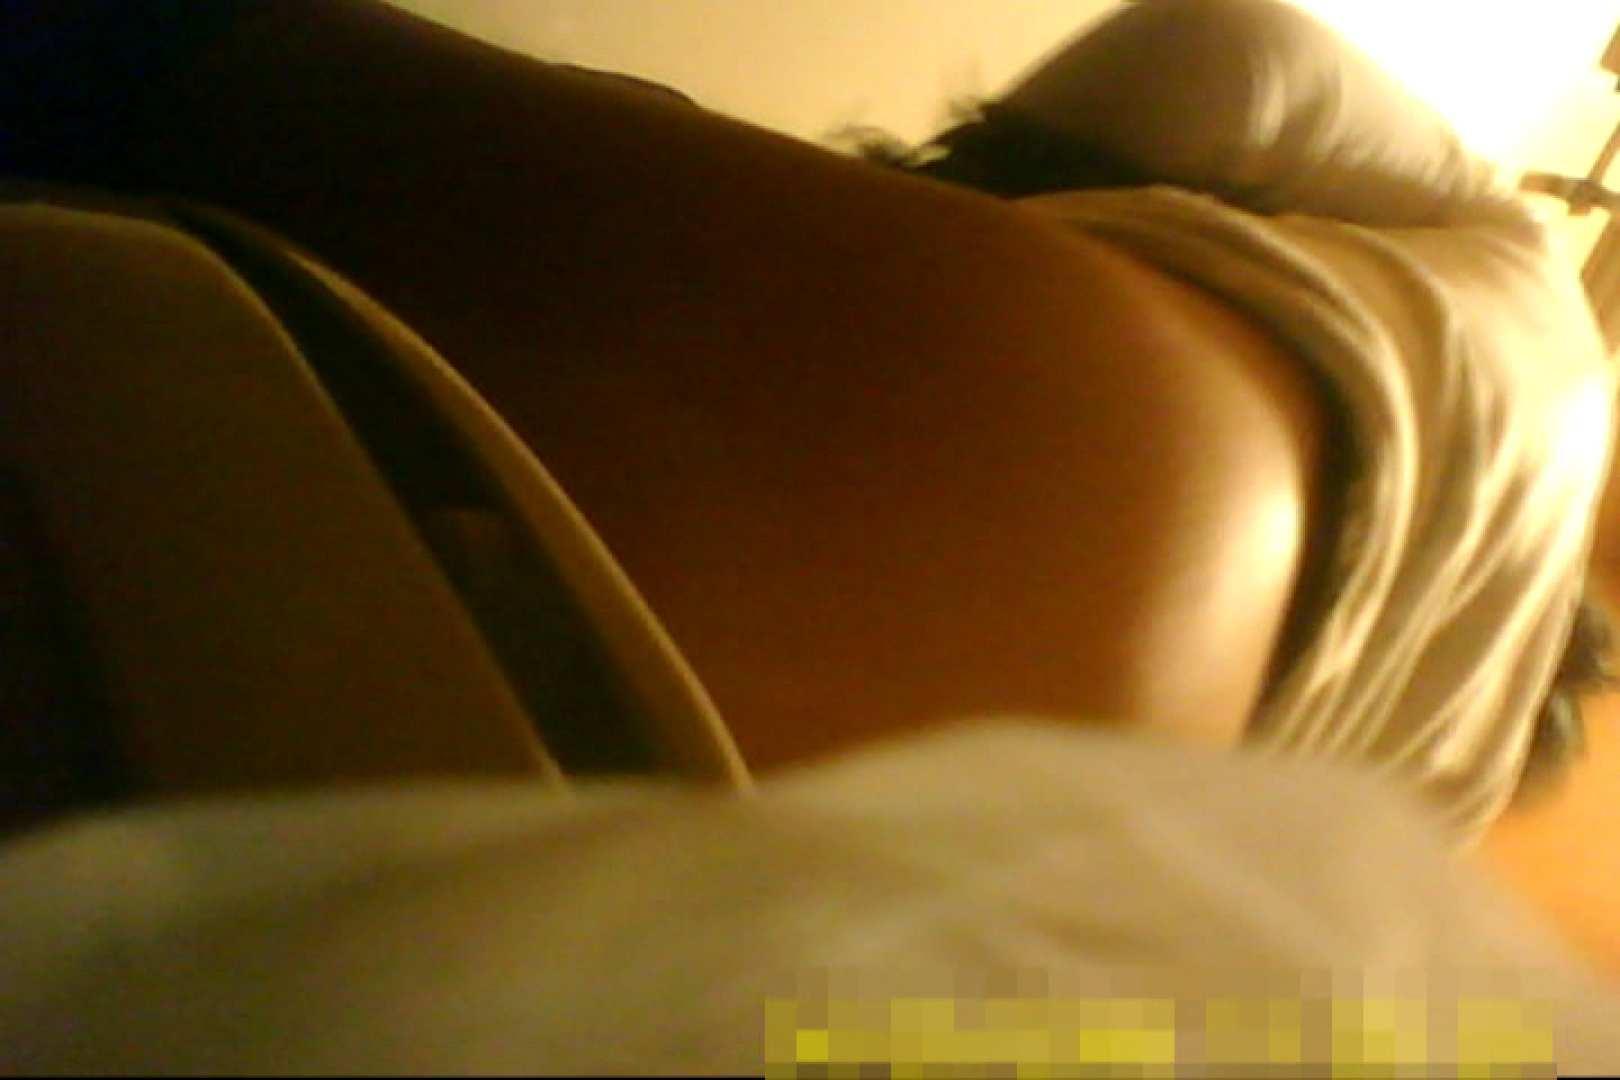 魅惑の化粧室~禁断のプライベート空間~vol.9 ぽっちゃり オマンコ無修正動画無料 56pic 11